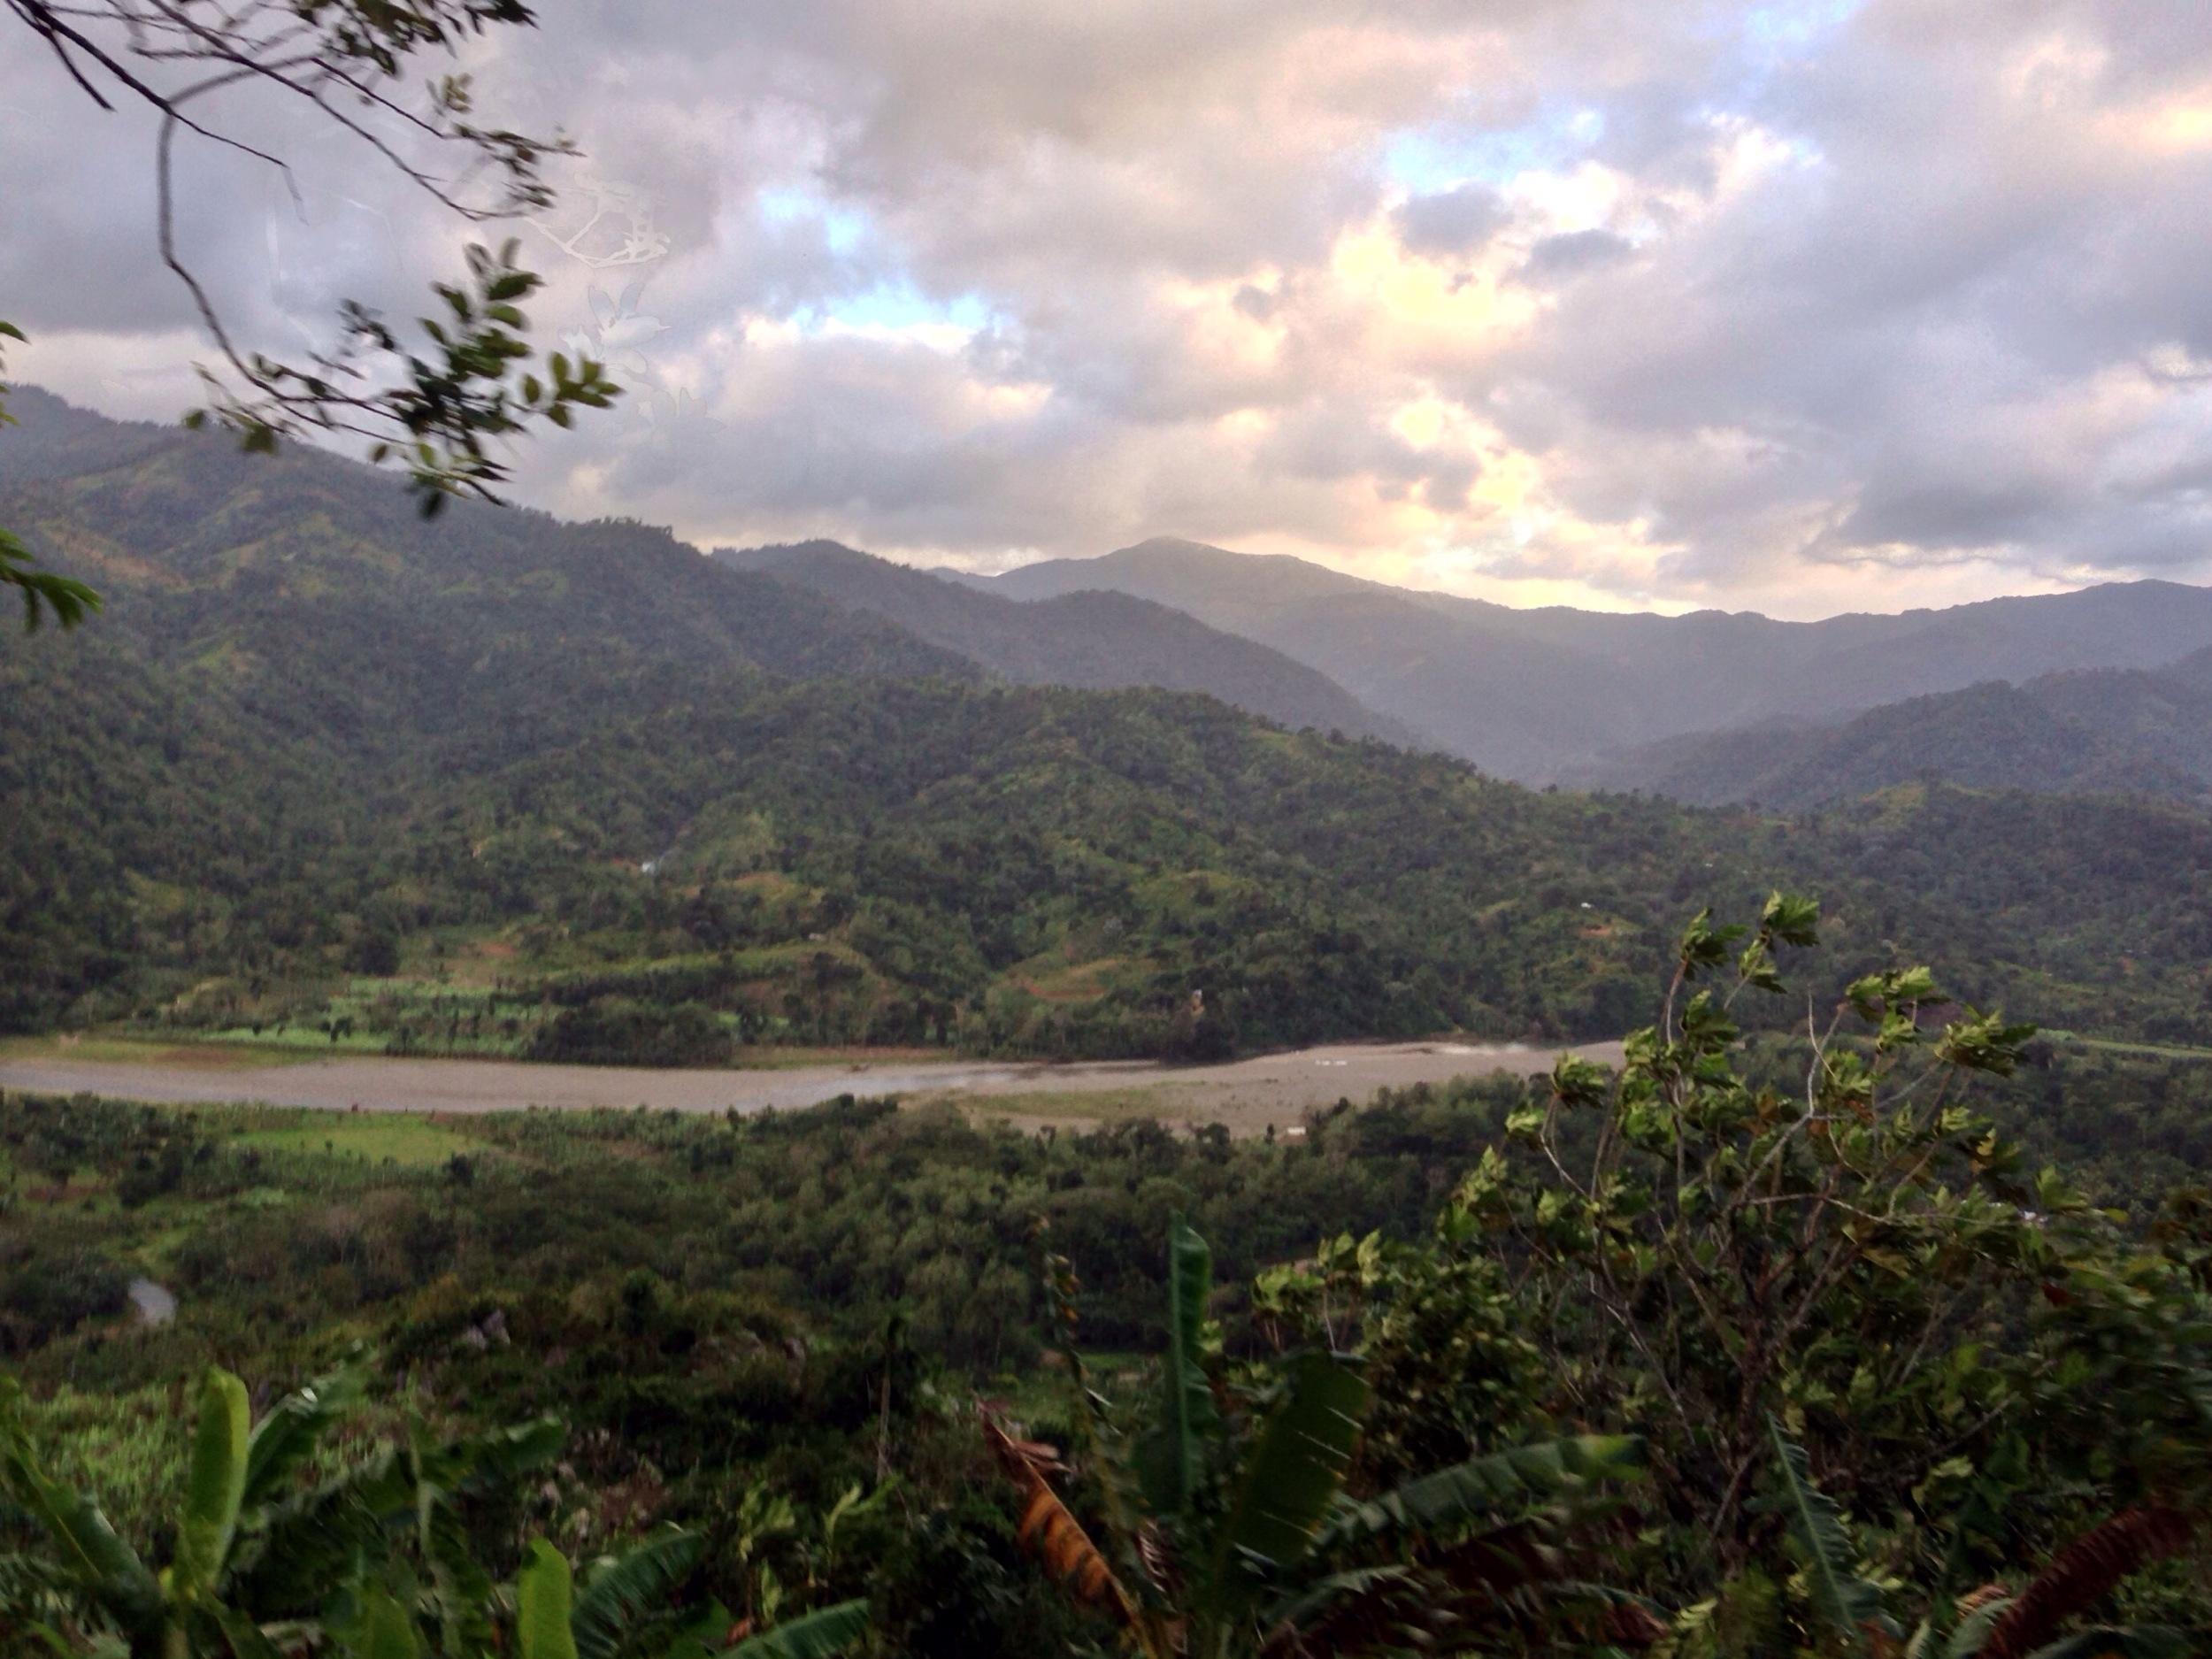 Imagen de la noticia Promover el derecho al agua potable y saneamiento básico, garantizando el acceso igualitario en las comunidades de Tannis y Cassis, Thomazeau – Haití